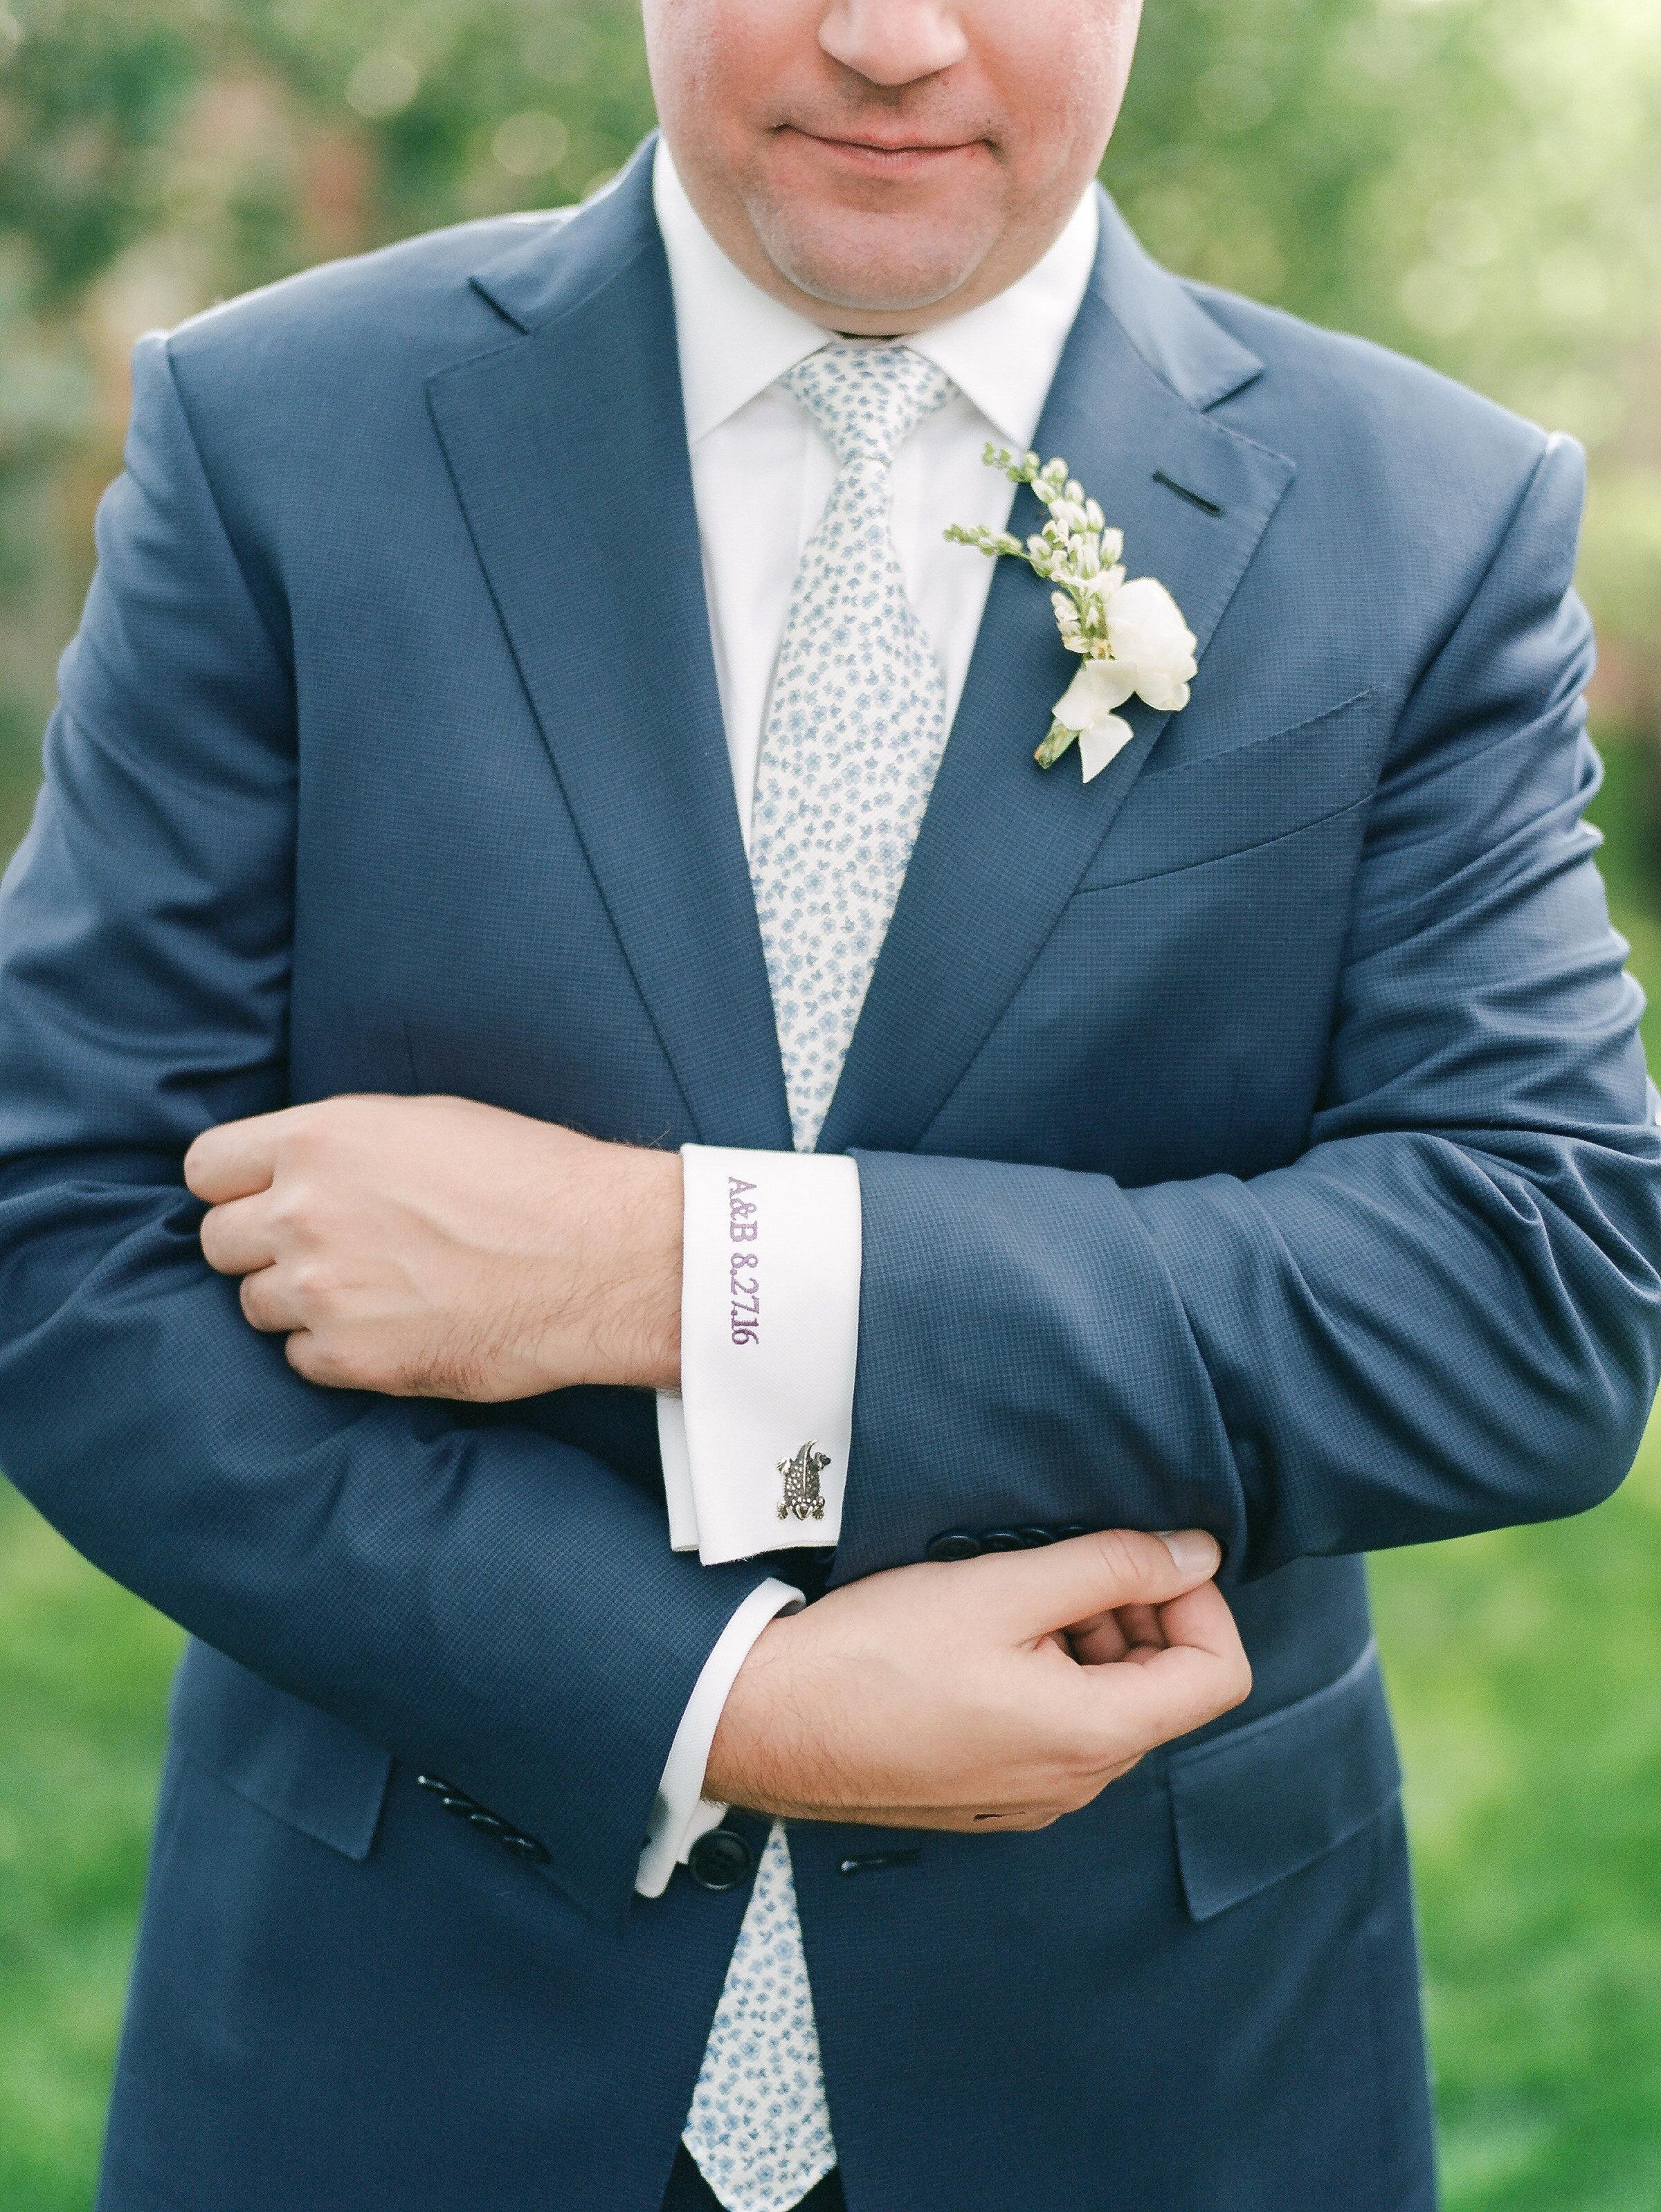 custom wedding cuff